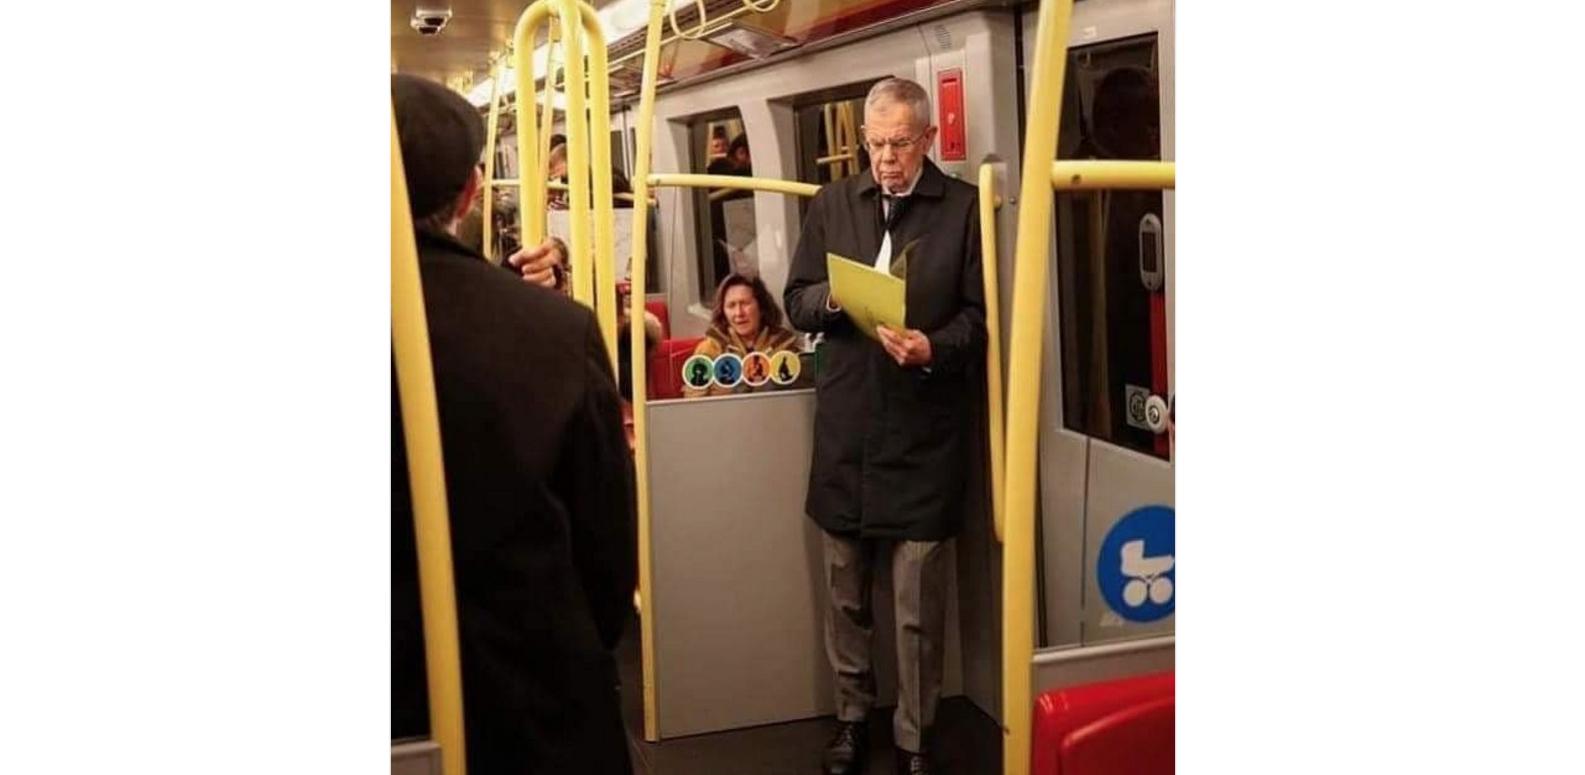 Președintele Austriei în metroul vienez, fără gardă de corp, fără girofar pe vagon ca să se dea la o parte celelalte vagoane